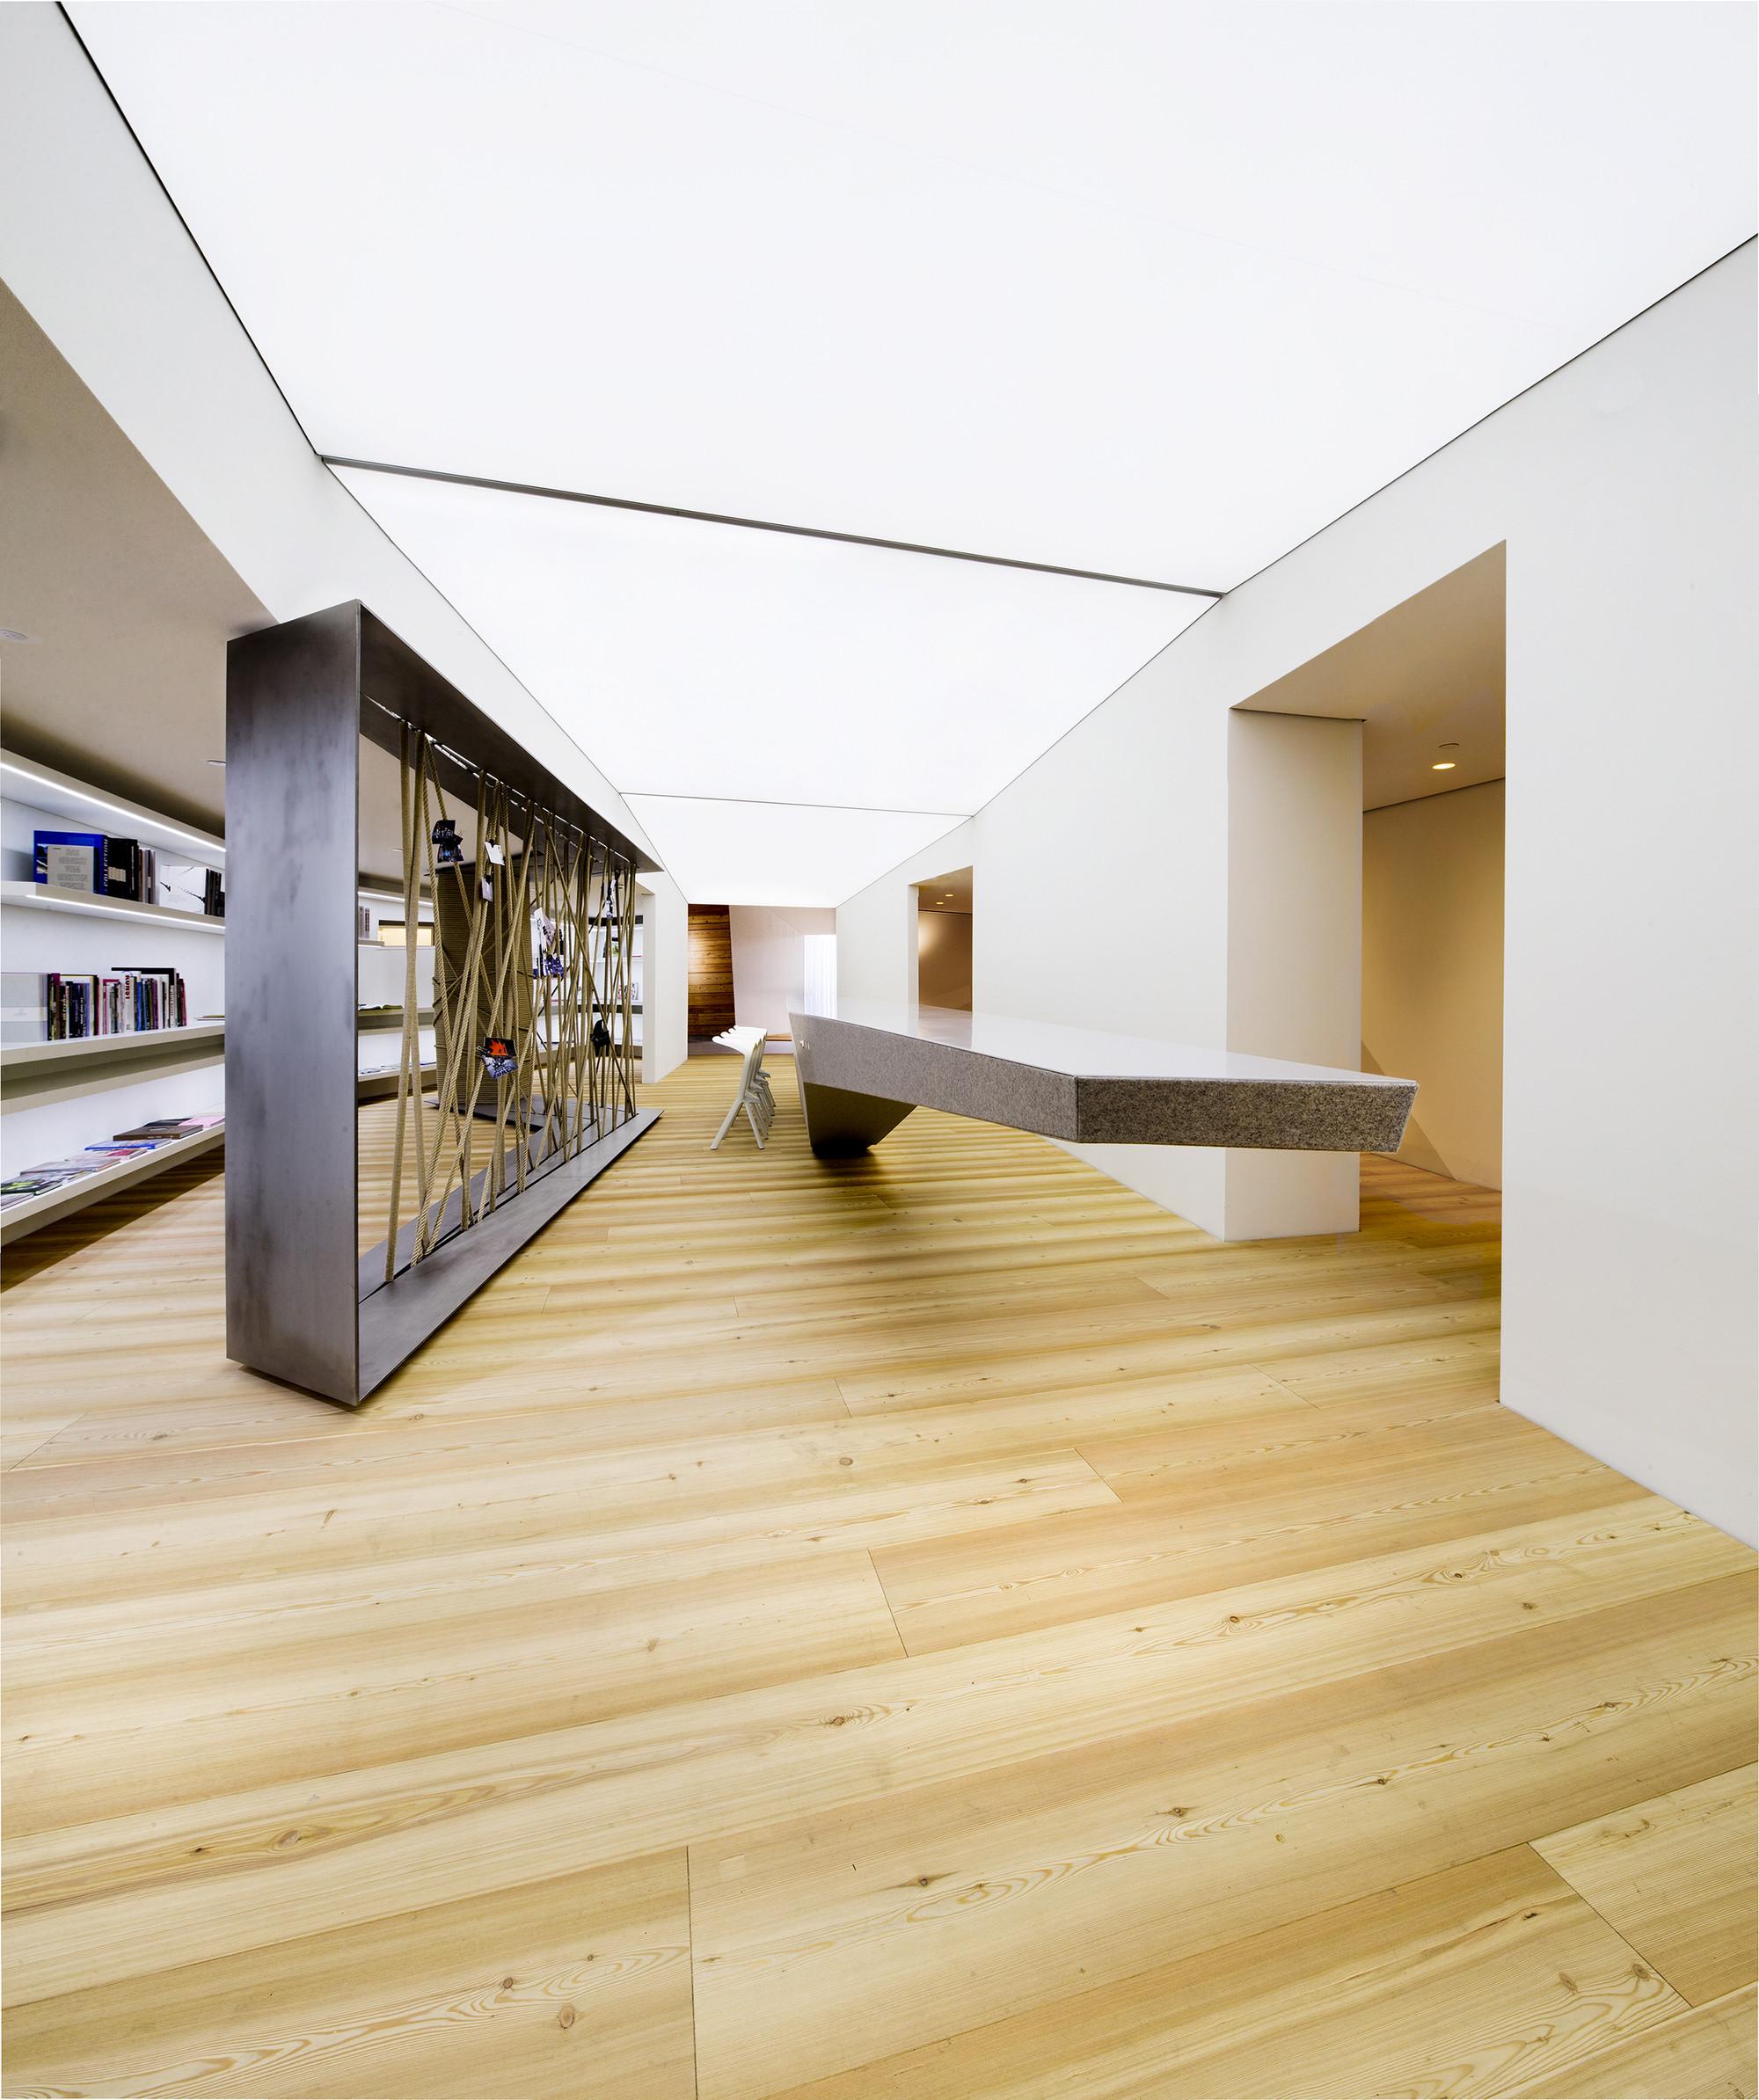 Schöne Räume gallery of kreativlabs schöne räume architektur innenarchitektur 3